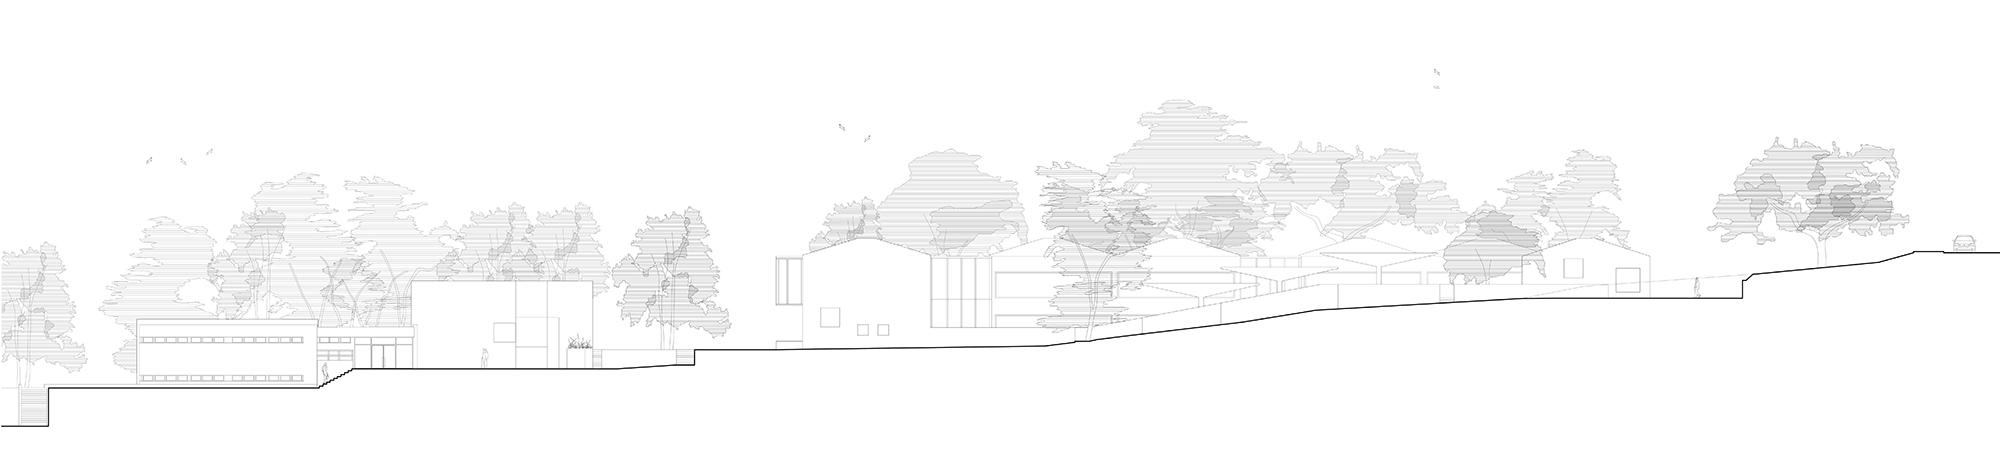 Architektur_offizin-a_gatto.weber.architekten_Projekte_Kultur_Heitera_03.jpg